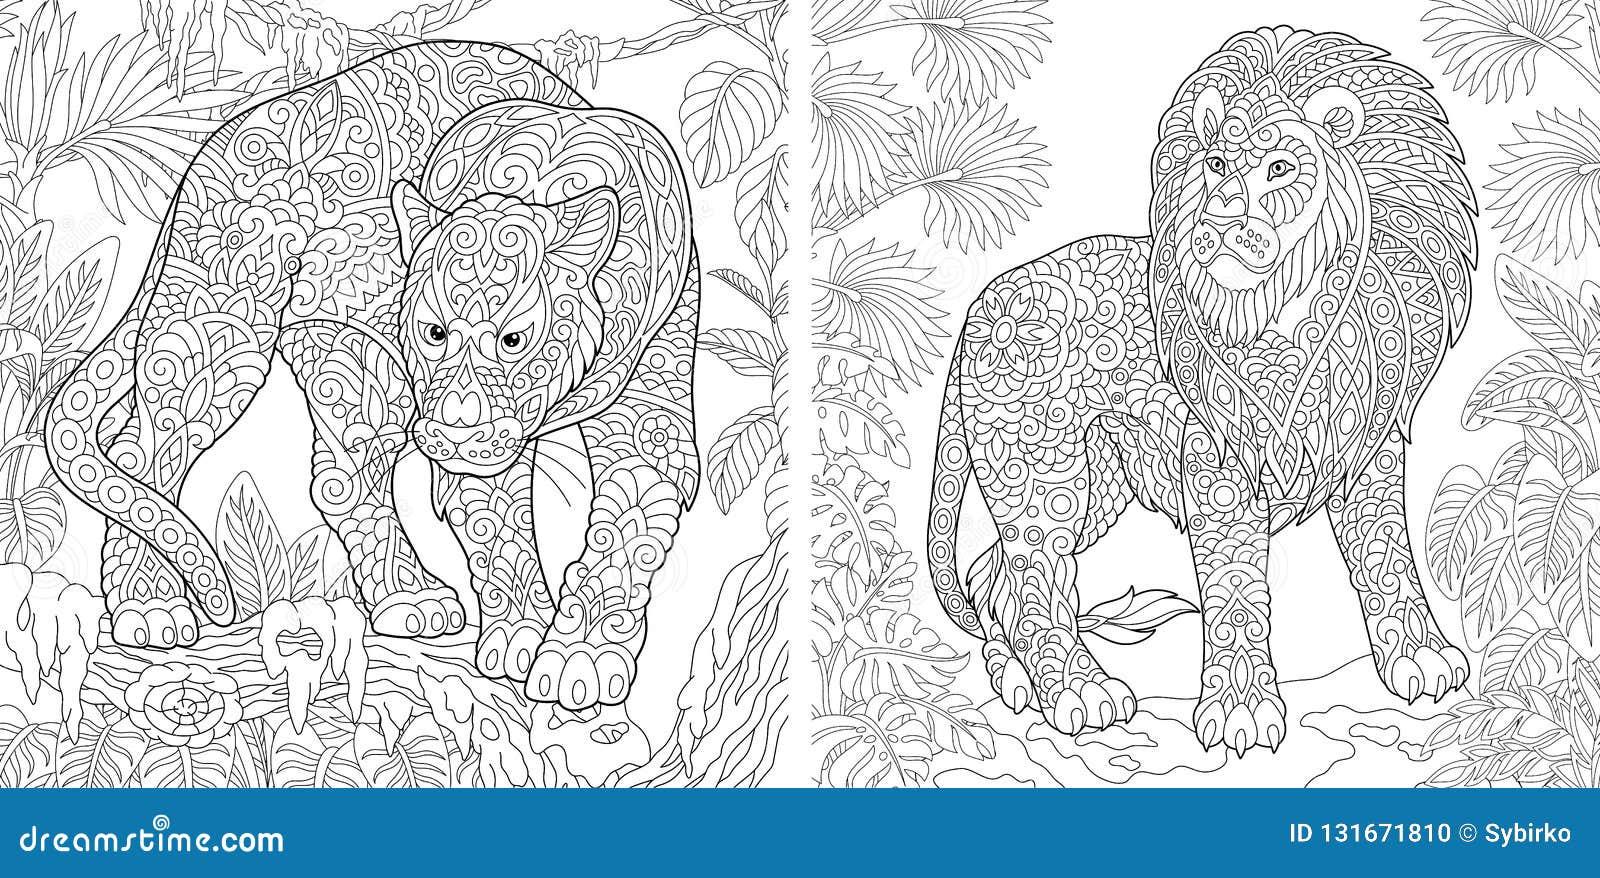 Страницы расцветки Книжка-раскраска для взрослых Крася изображения с пантерой и львом Antistress freehand чертеж эскиза с doodle